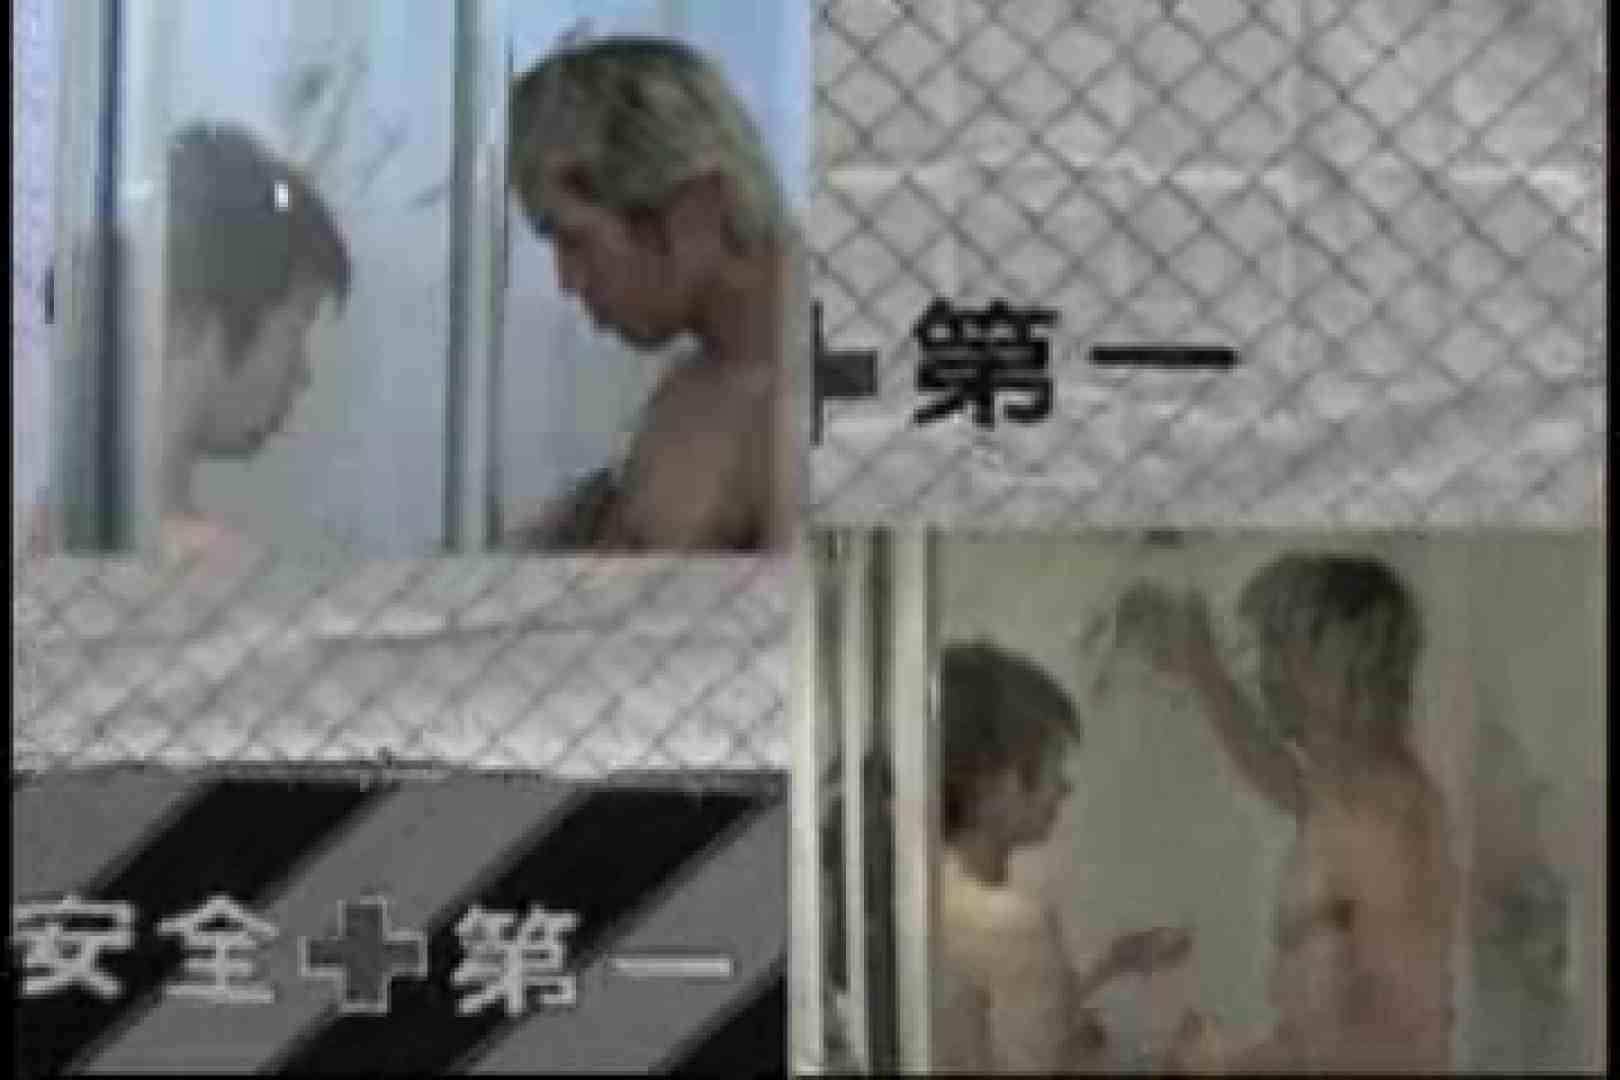 ガテン系男盛り!vol.01 フェラシーン | 男の世界  73画像 17